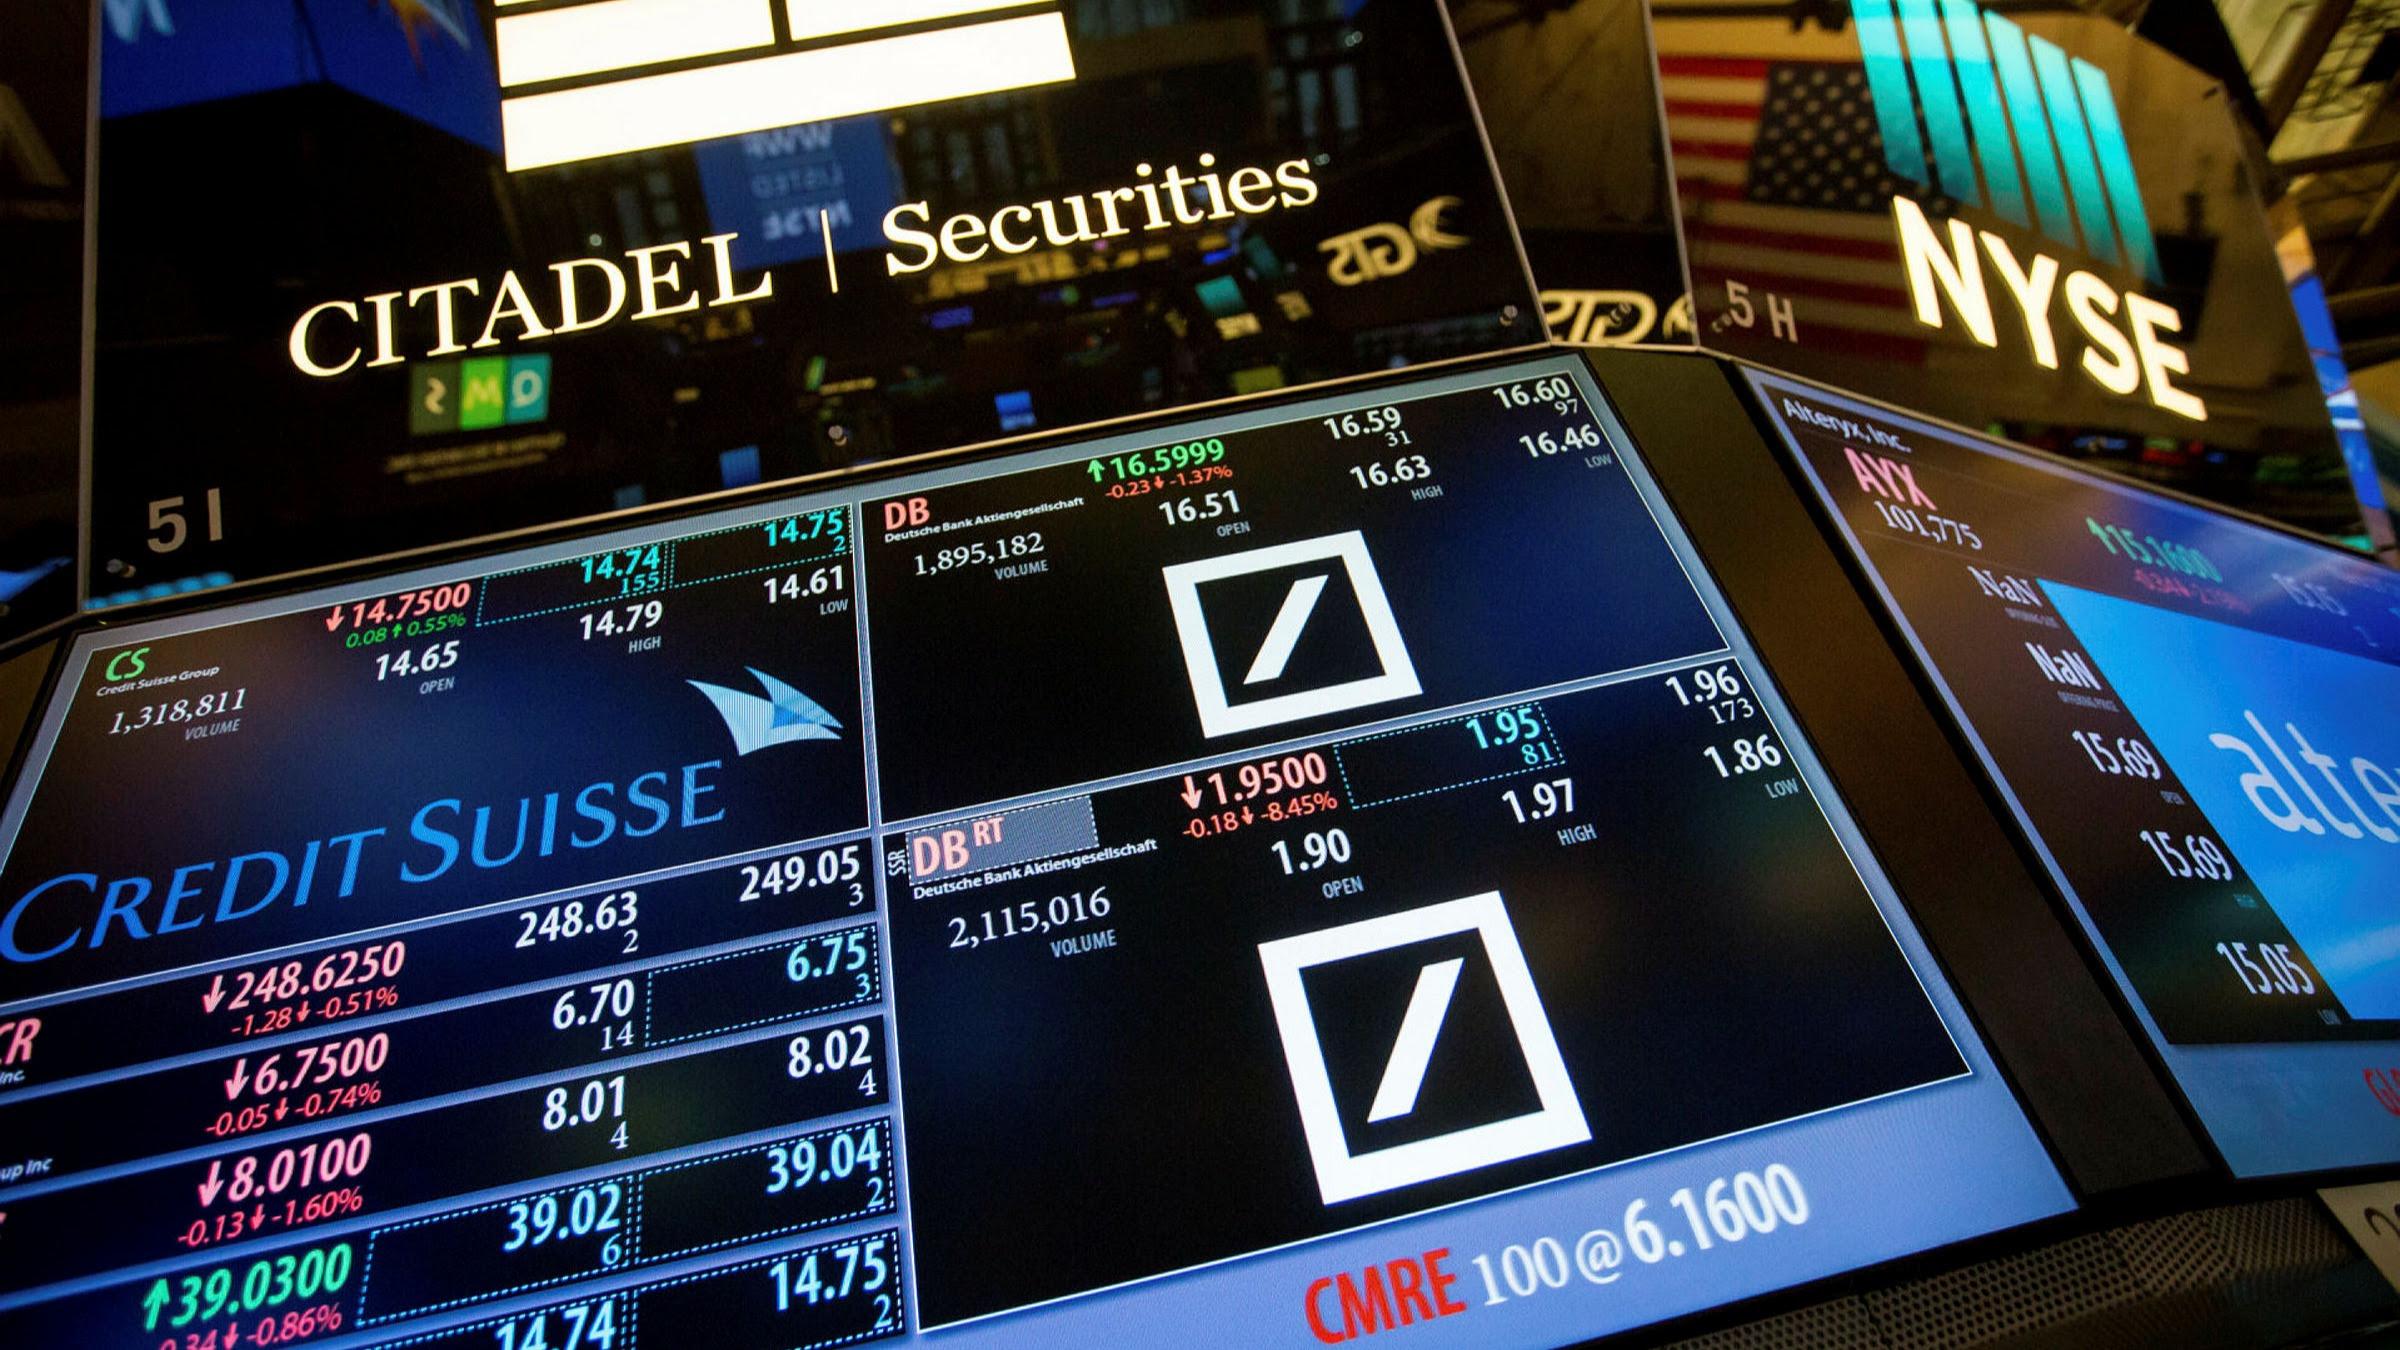 US regulator fines Citadel Securities